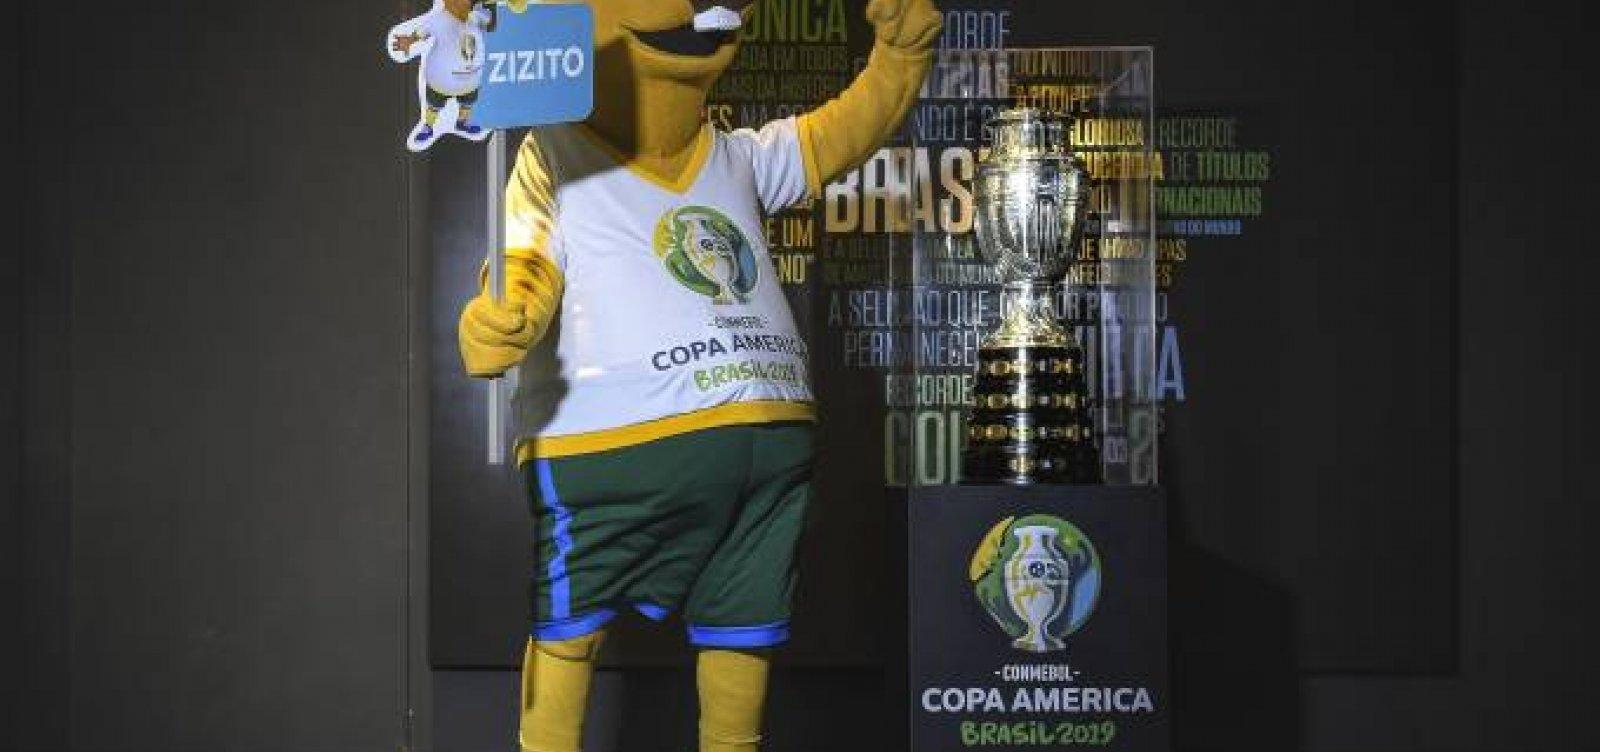 [Copa América: Público escolhe 'Zizito' para nome de mascote ]